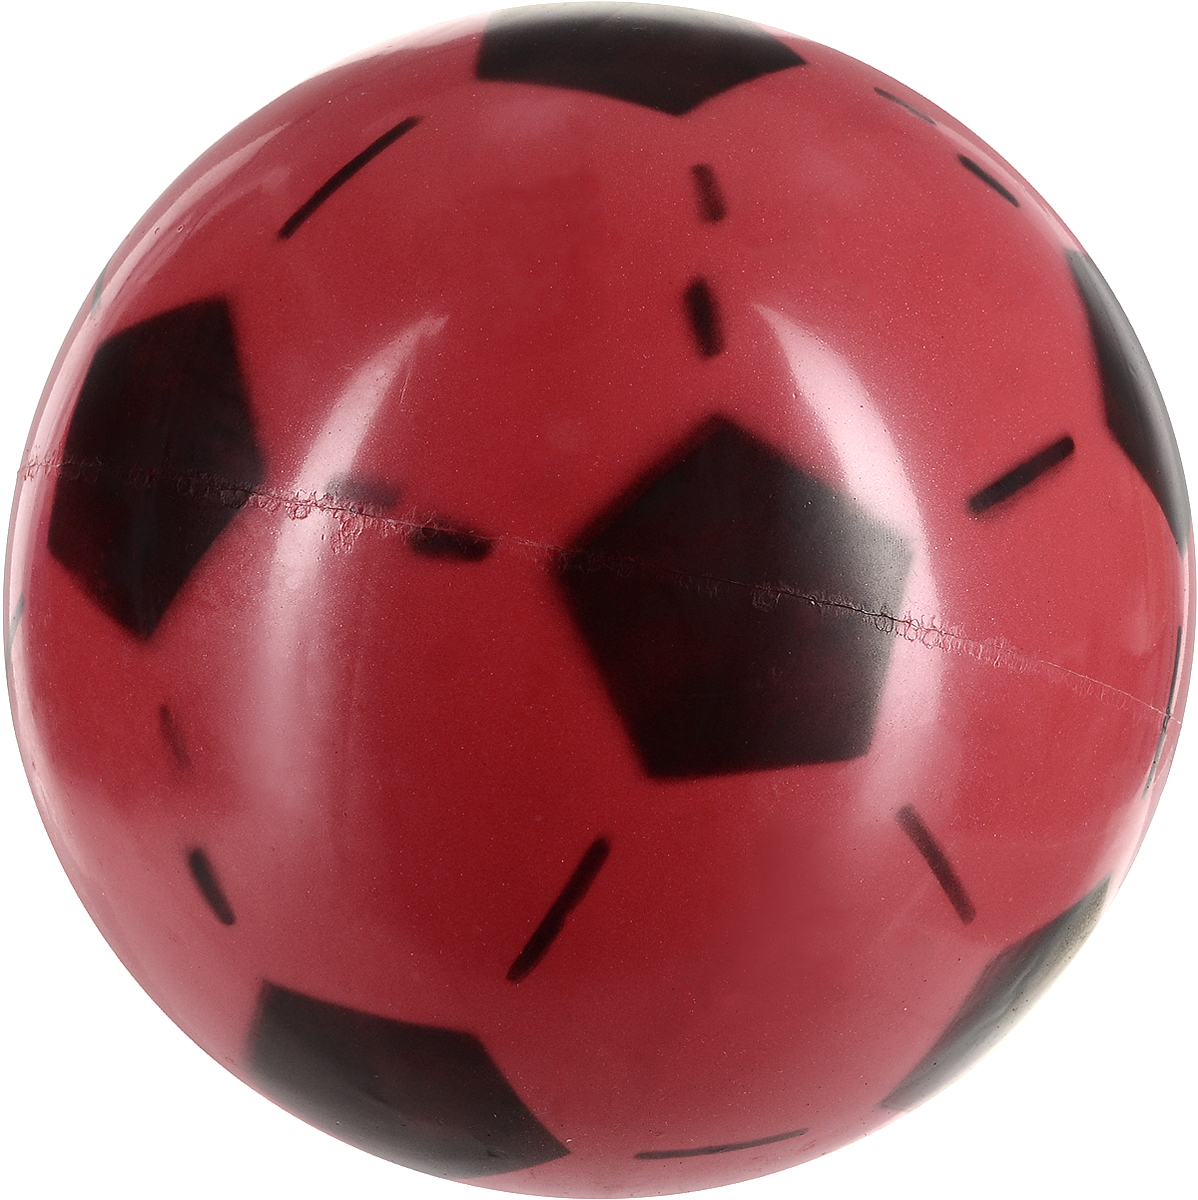 Забияка Мяч Футбольный цвет красный 20 см